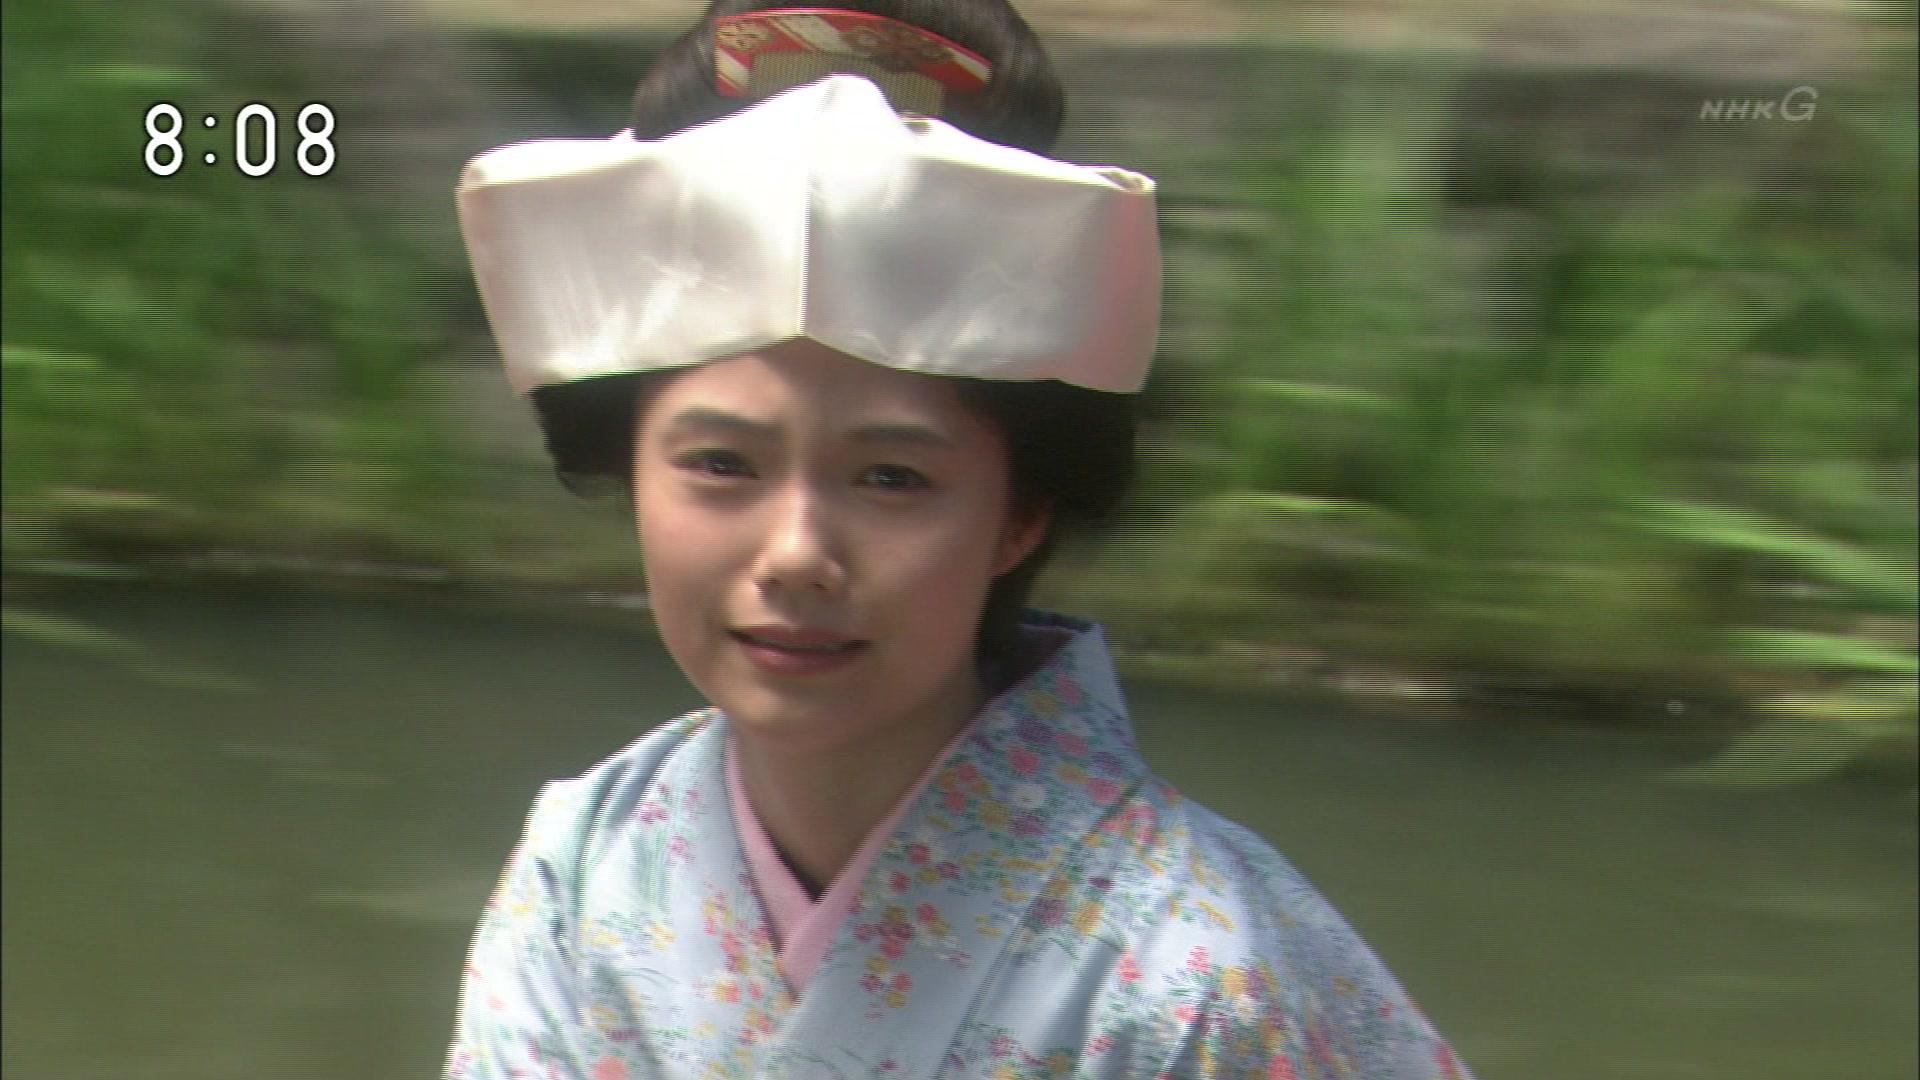 2015-10-10 08:00 連続テレビ小説 あさが来た(12)「ふたつの花びら」 1532